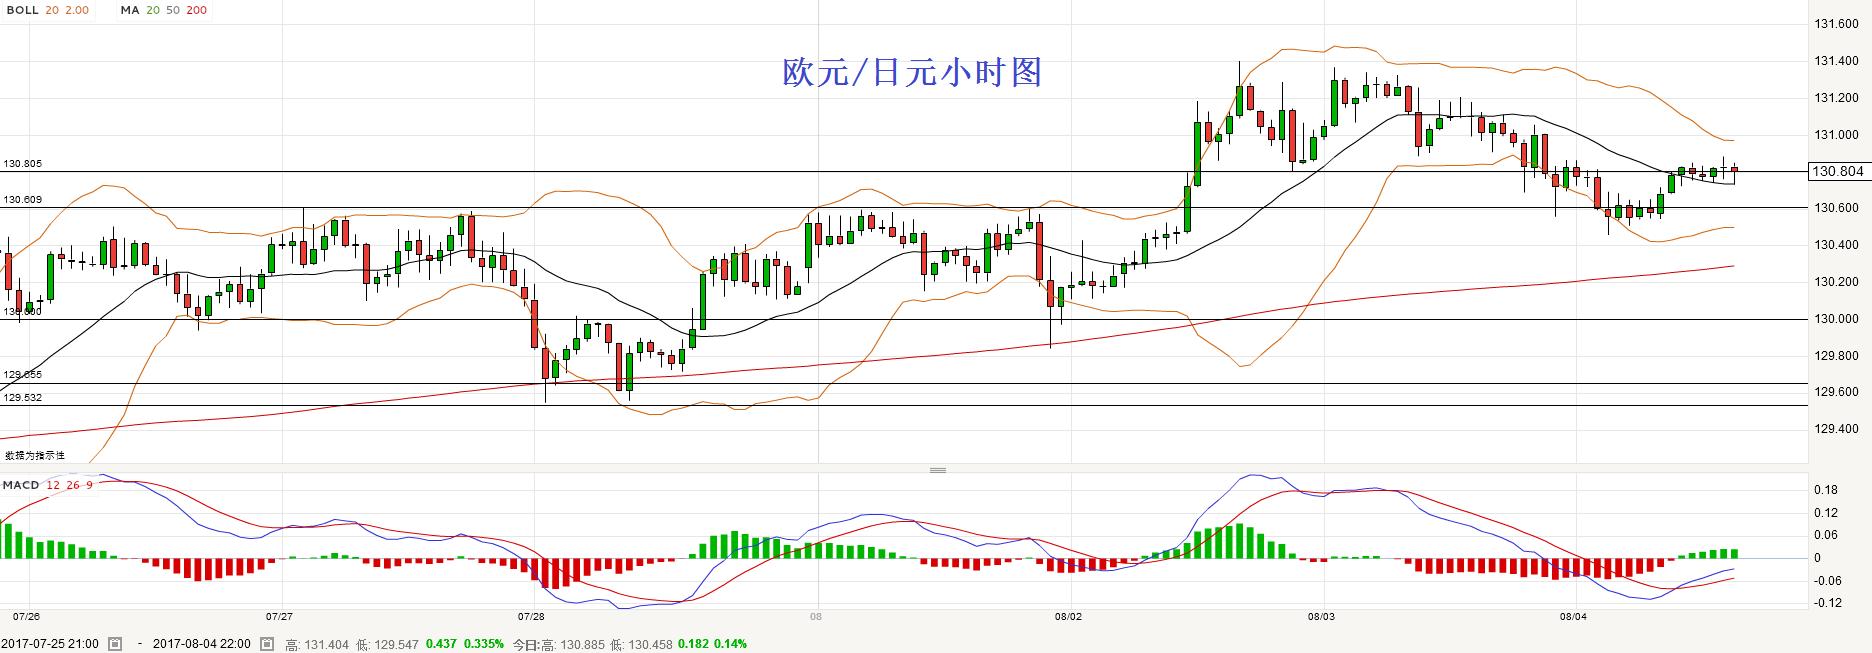 欧元/日元:倾向在130.60上方逢低做多